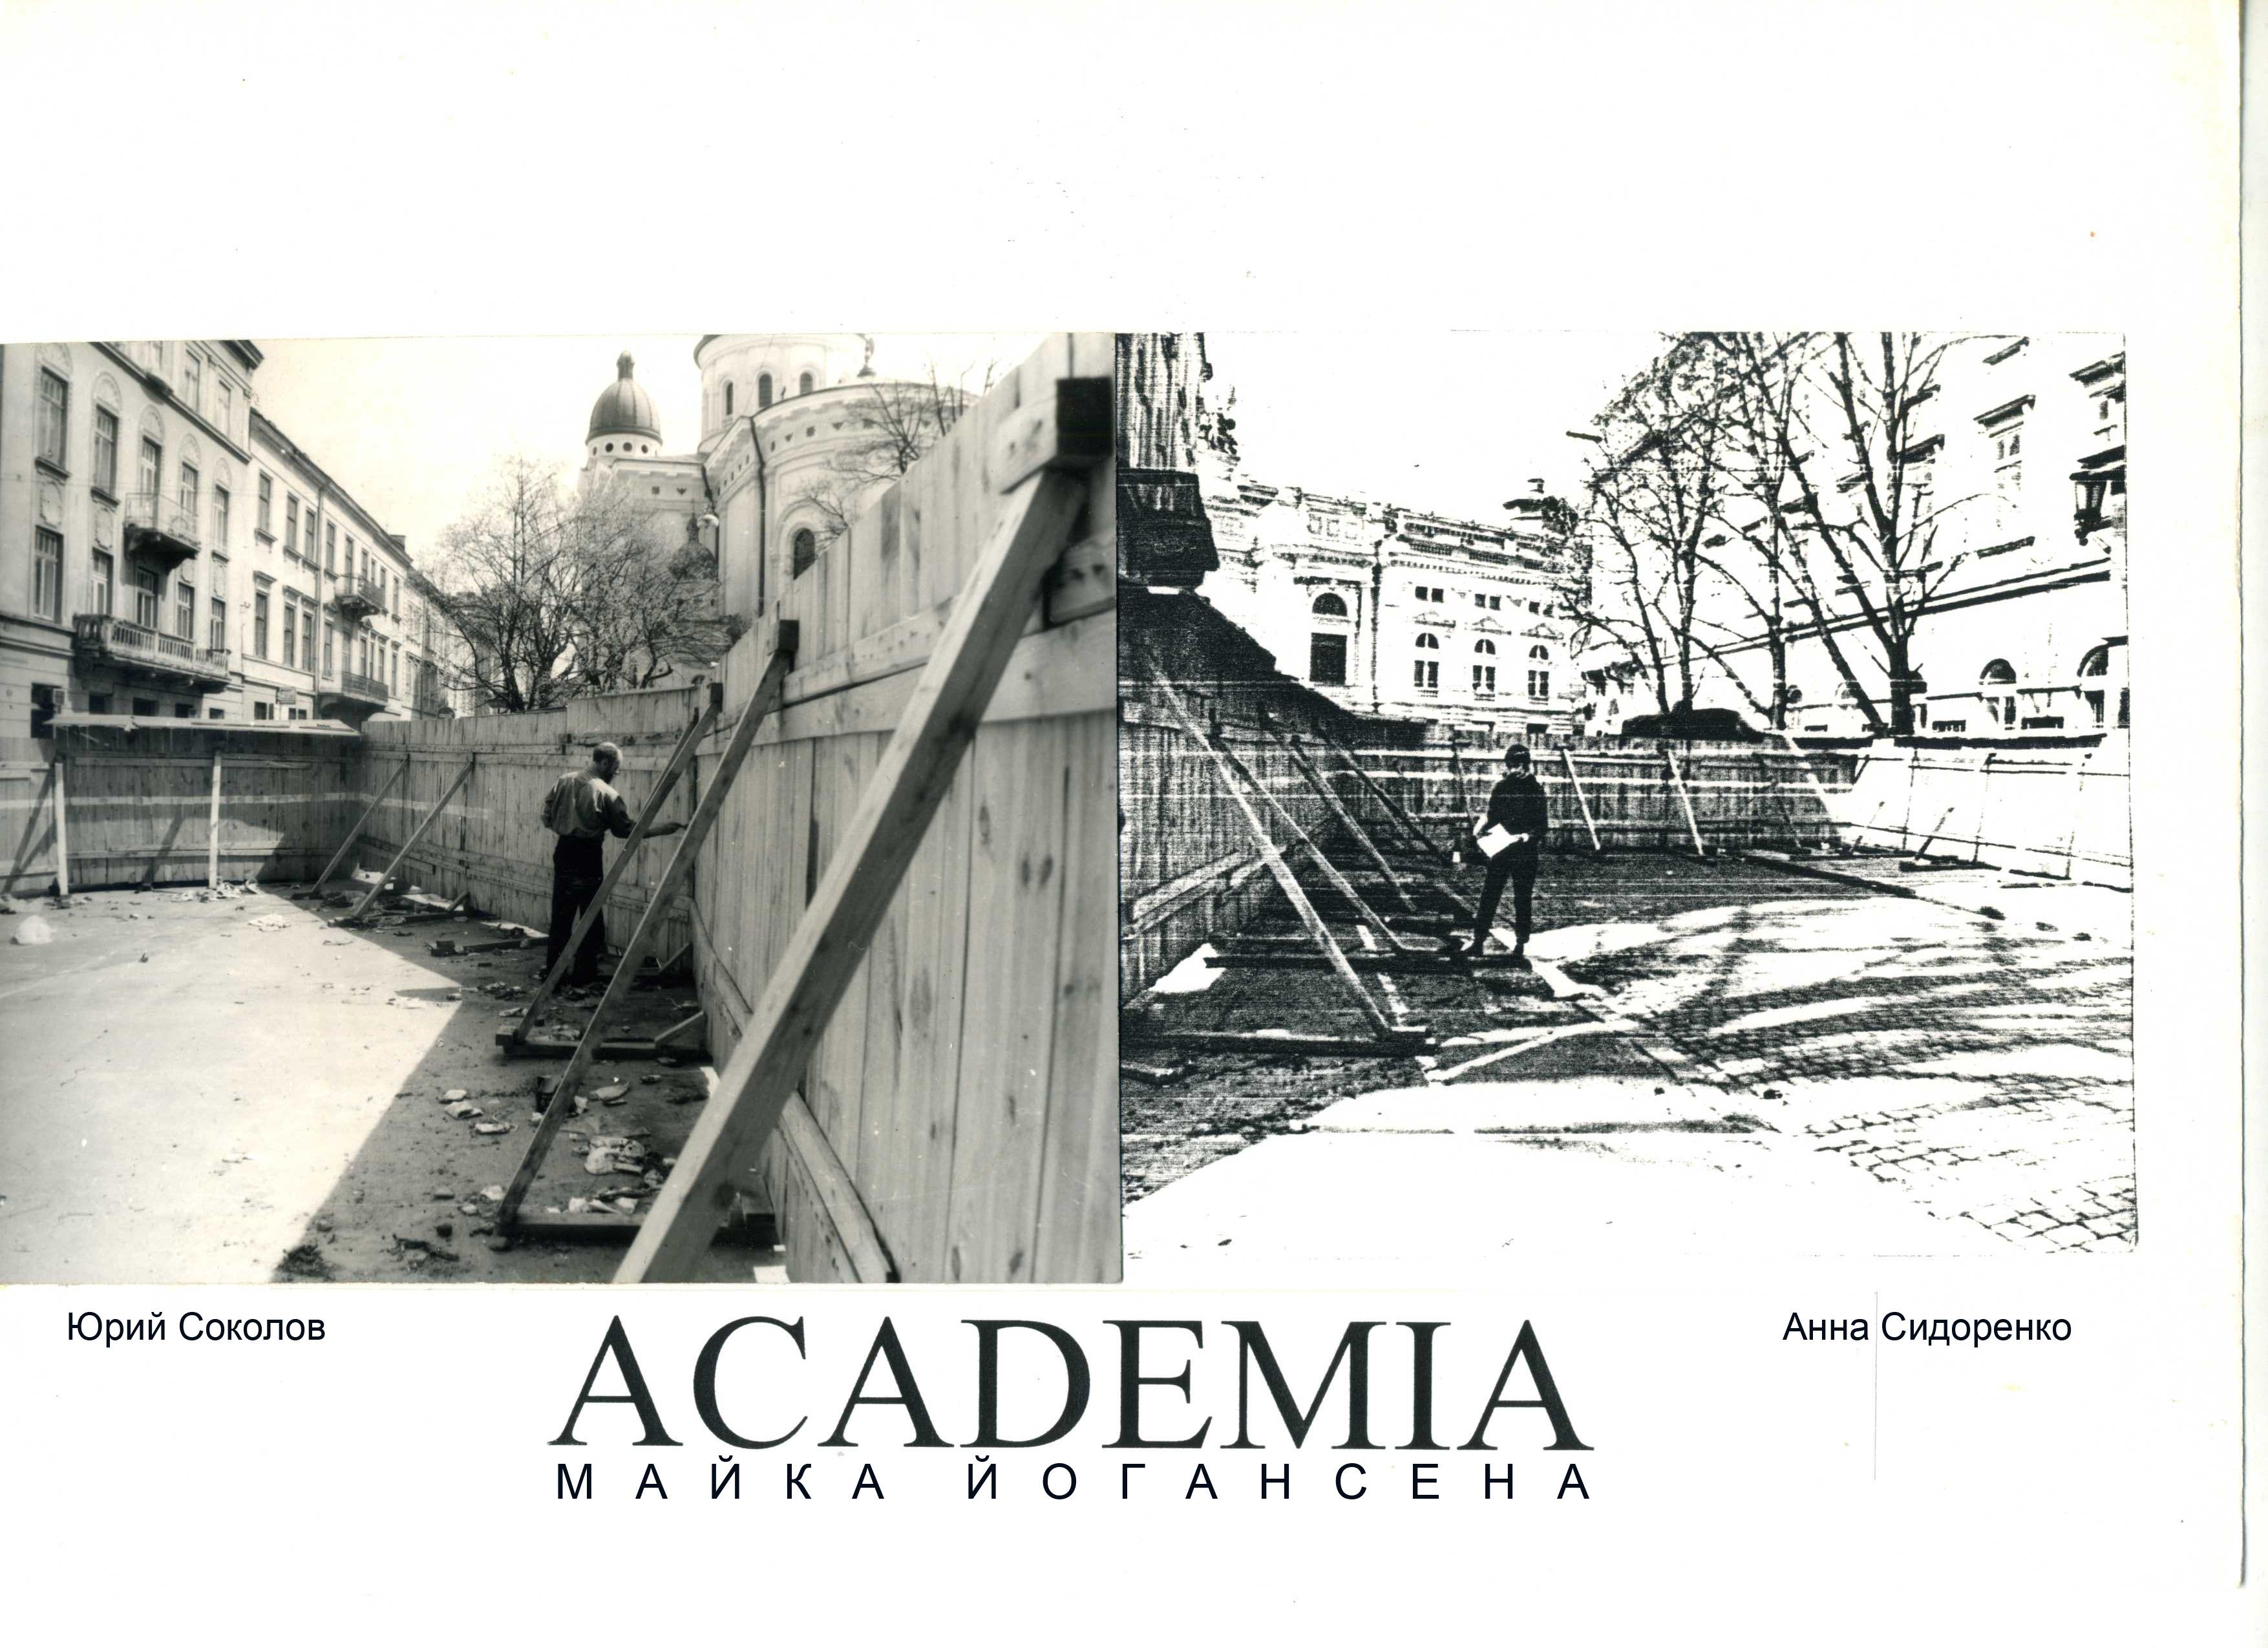 Анна Сидоренко. Academic-Zone, Львів, 1997